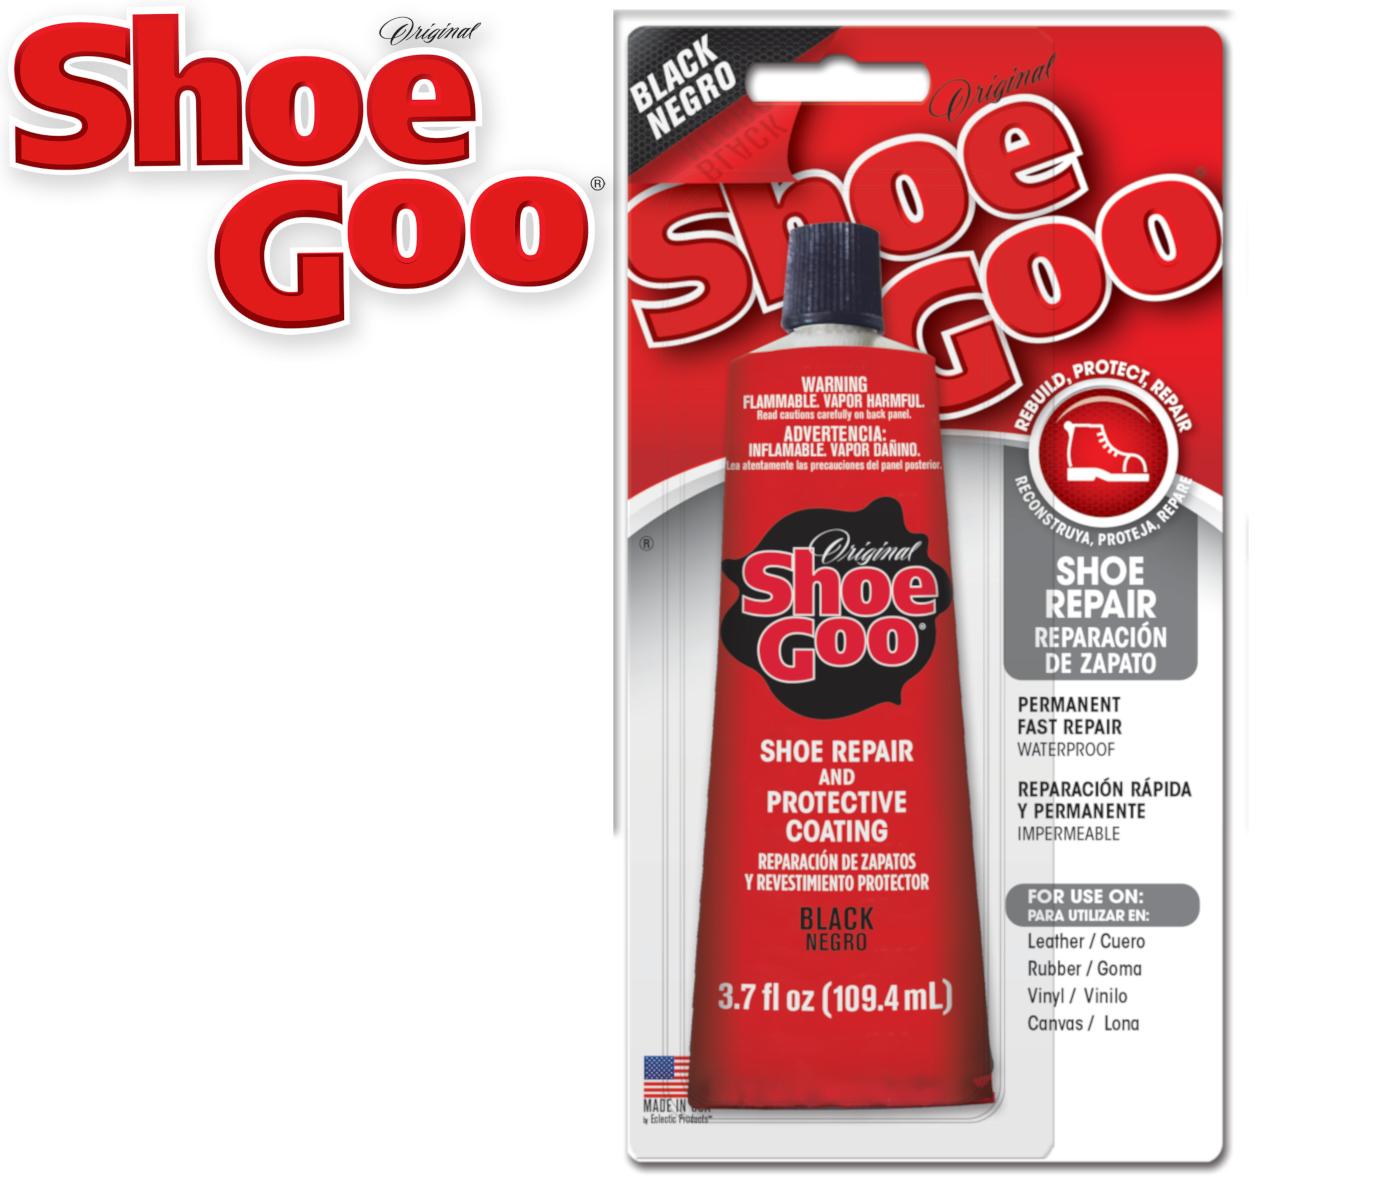 Shoe Goo BLACK Adhesive Reapir Glue for